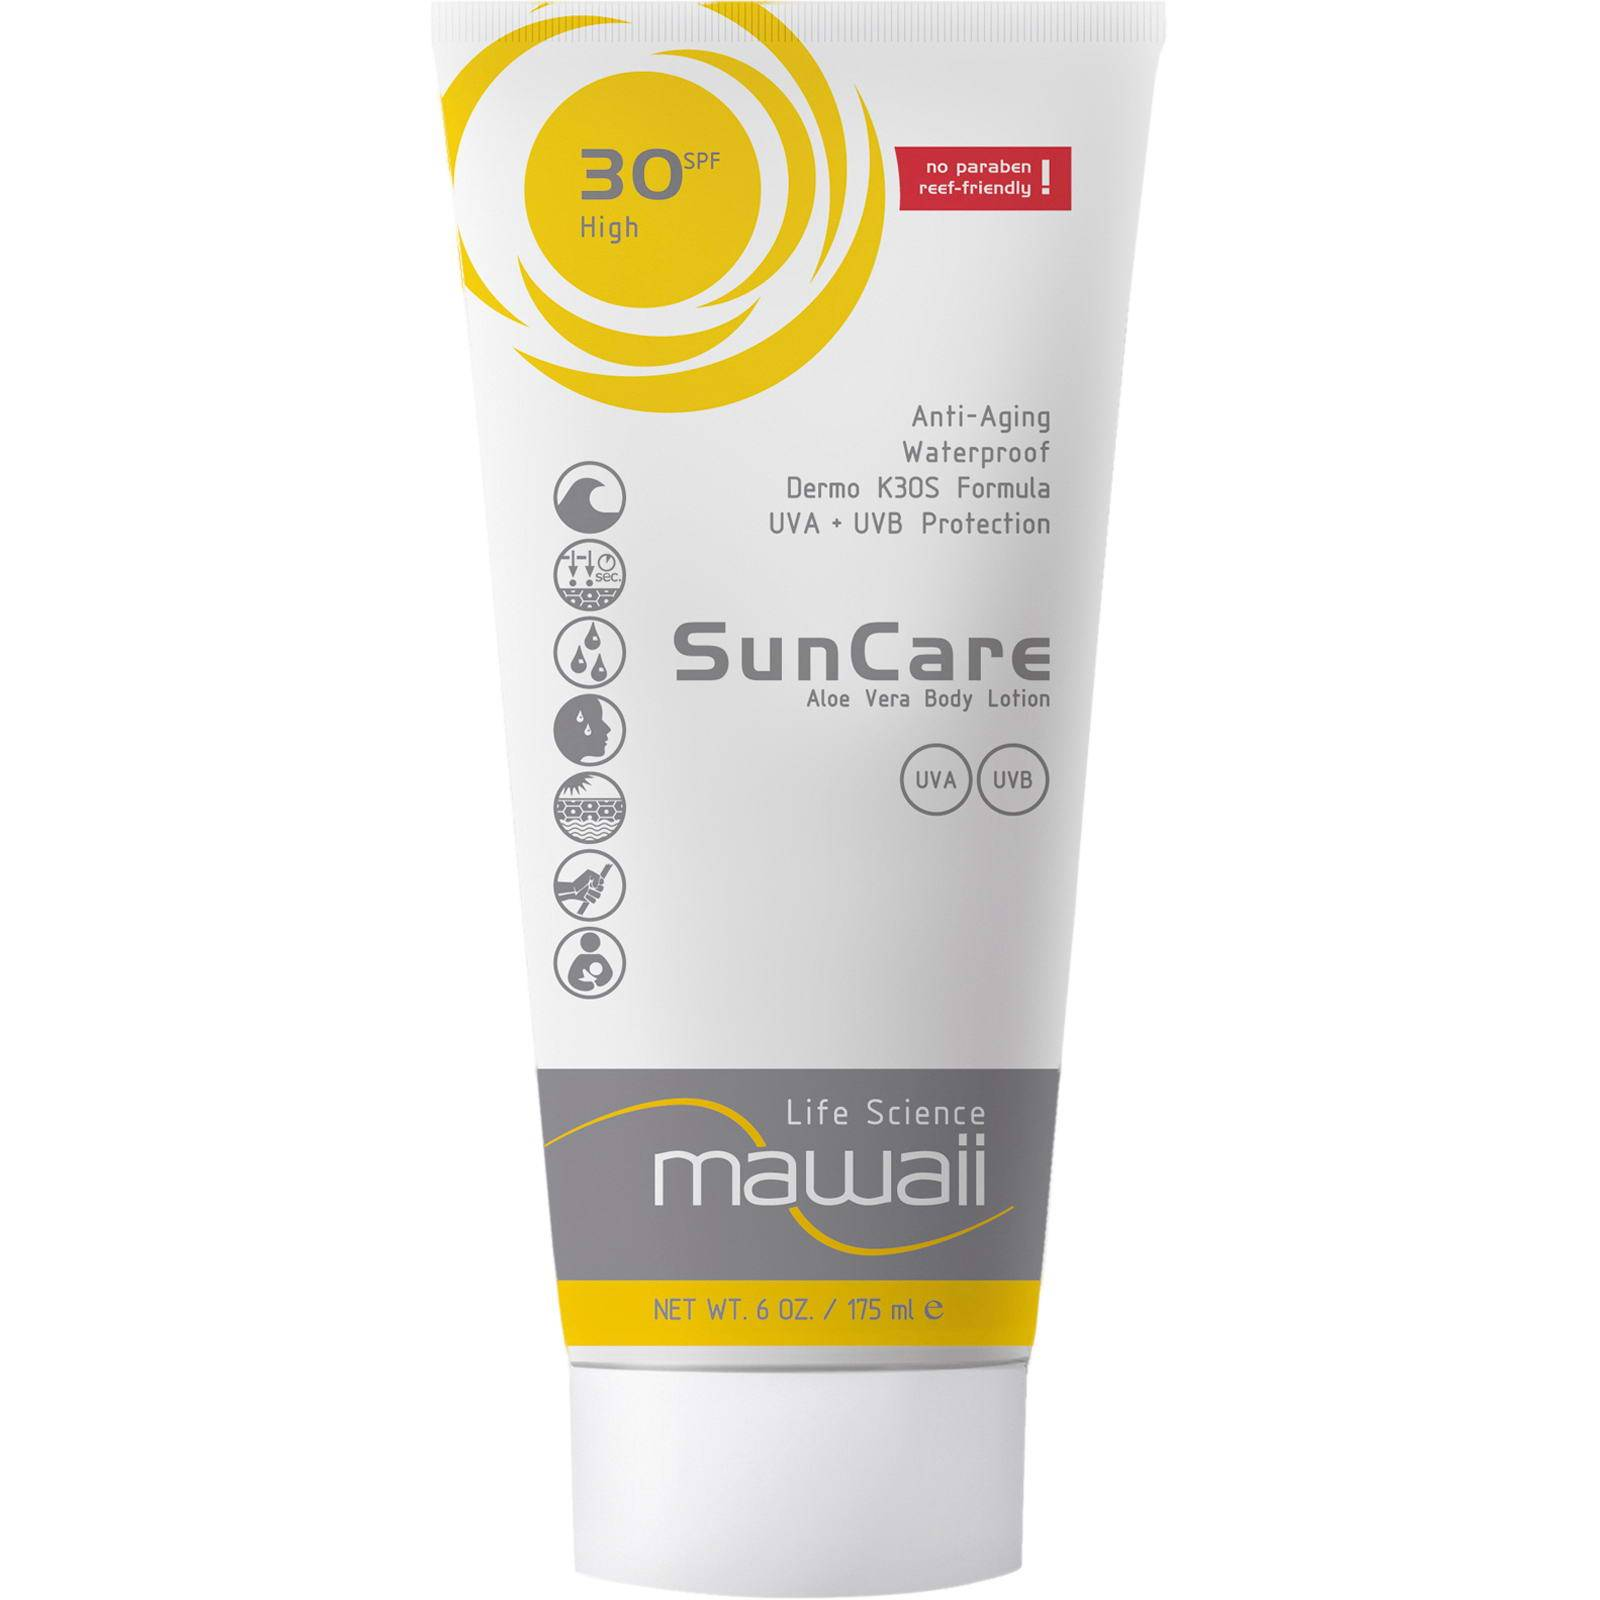 mawaii SunCare SPF 30 - 175 ml - Sonnenschutz - Bild 1